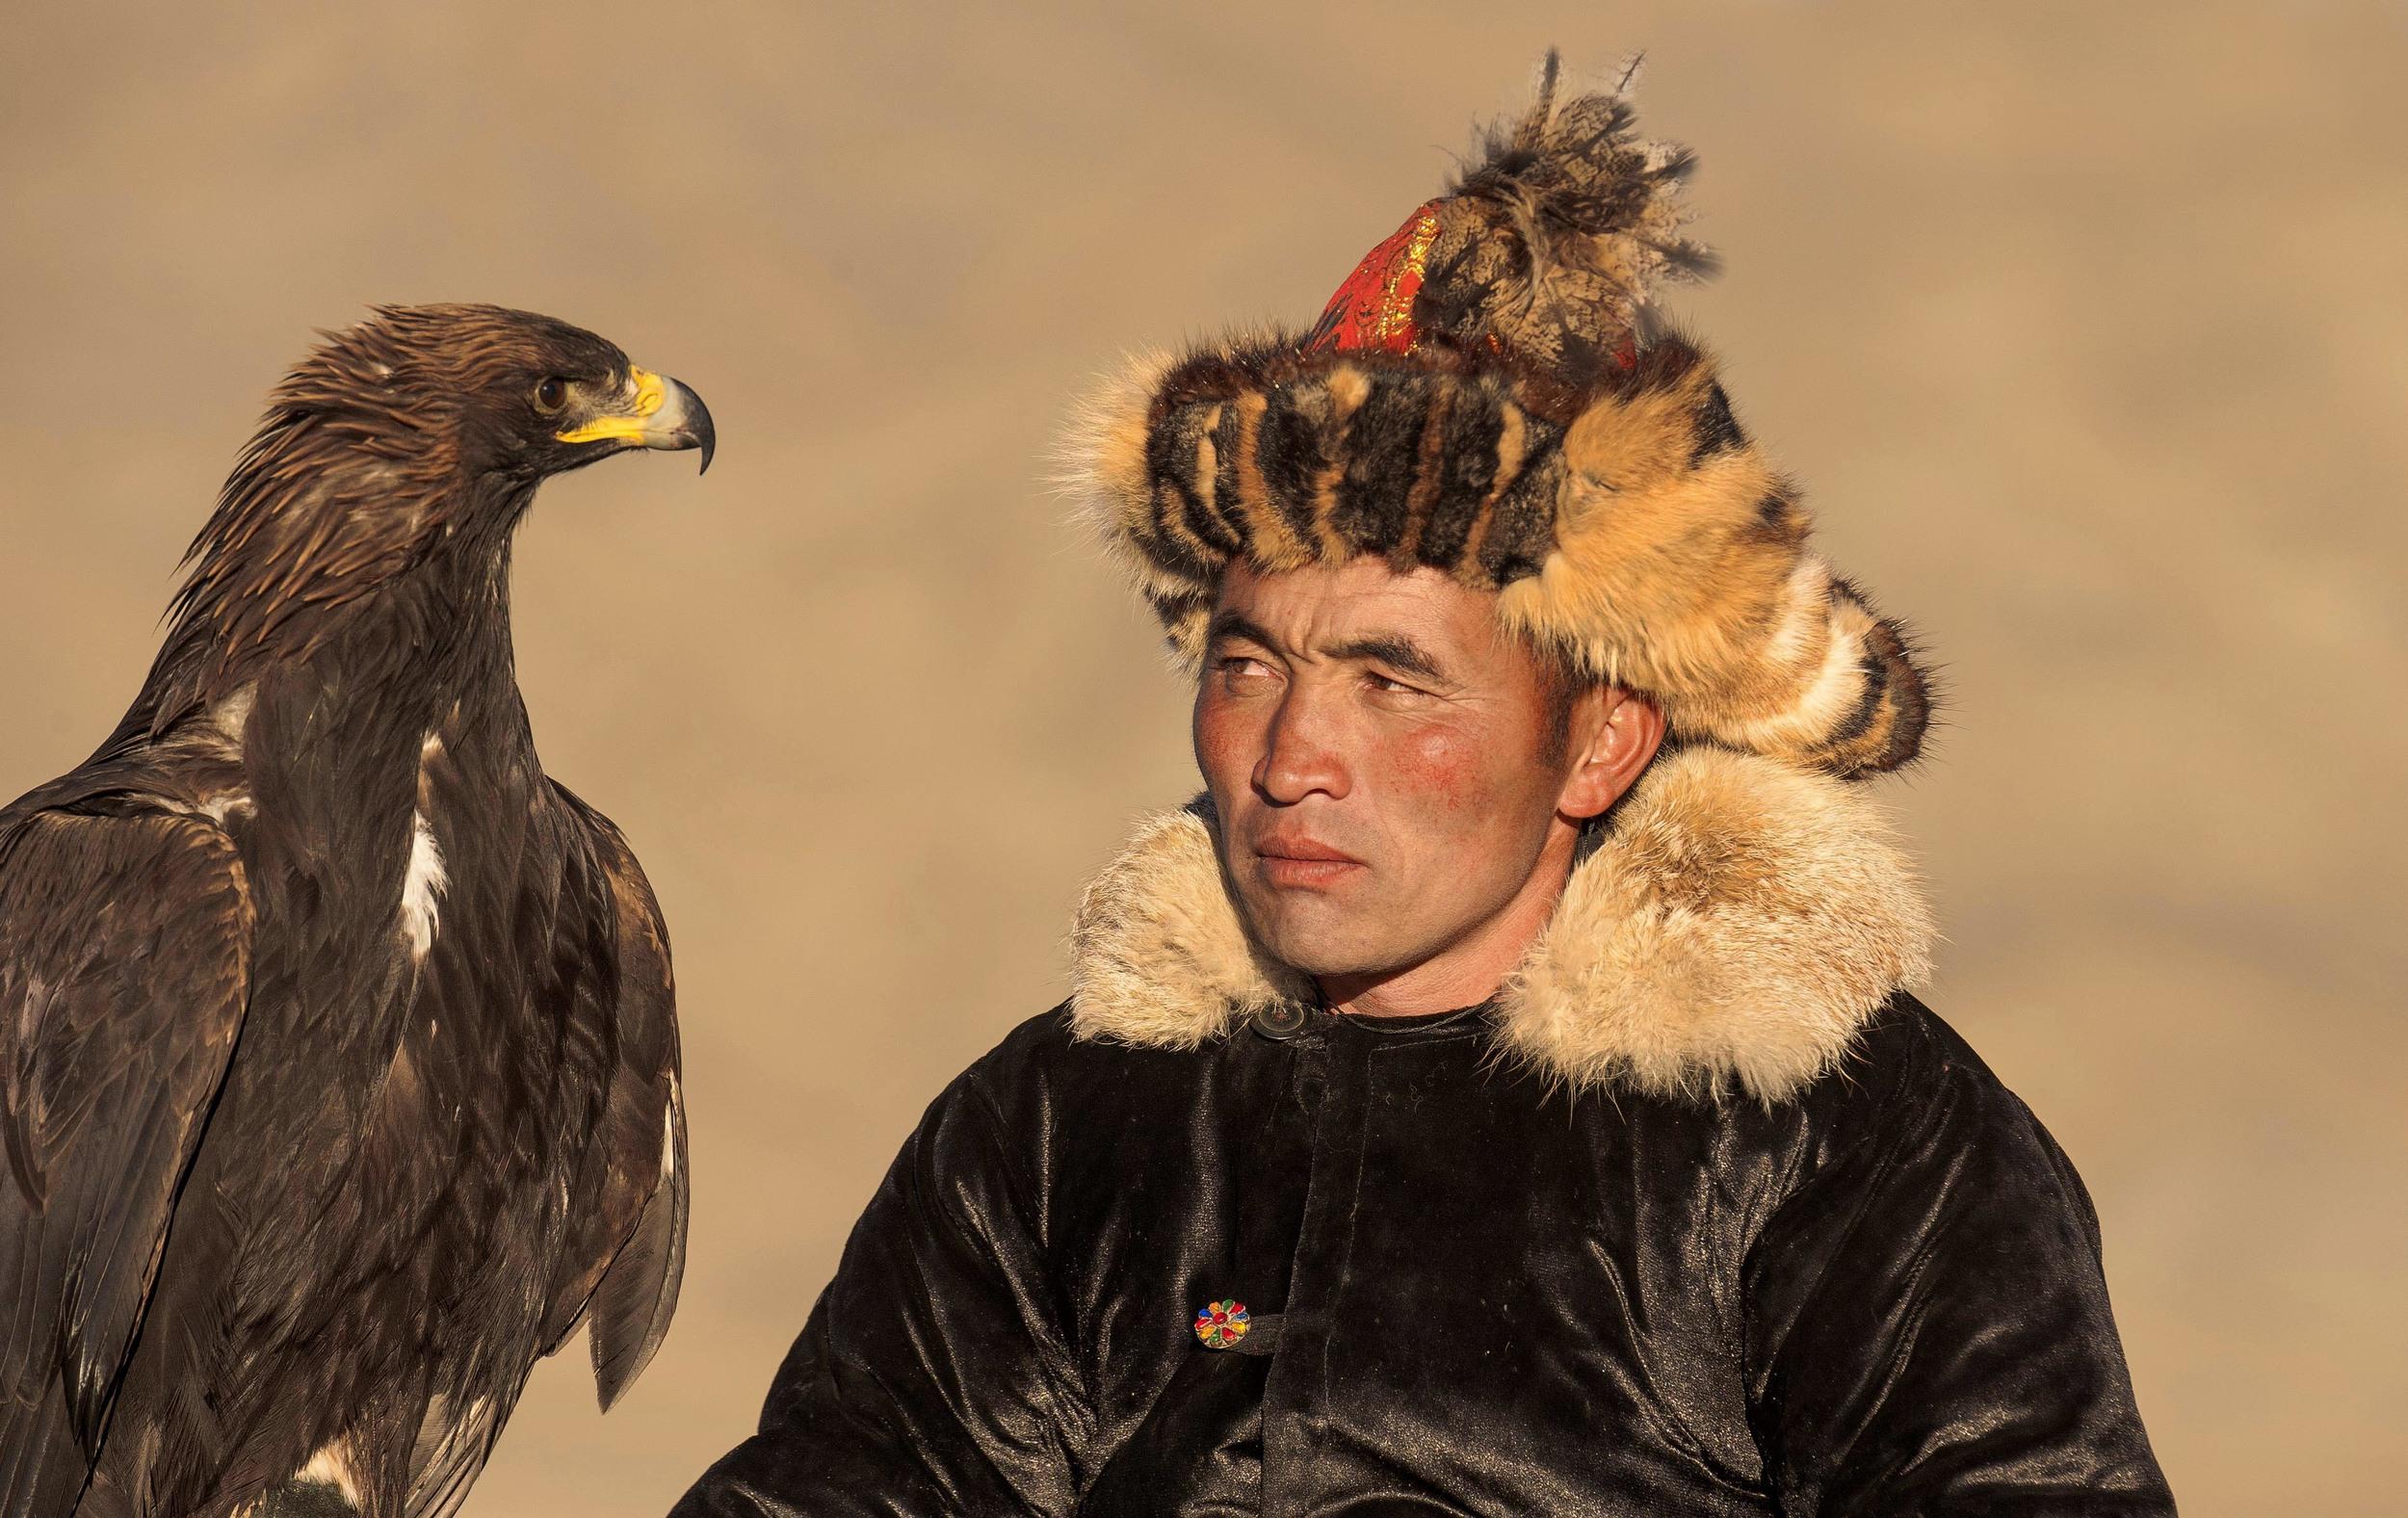 kazakh eagle hunter of mongolia.jpg